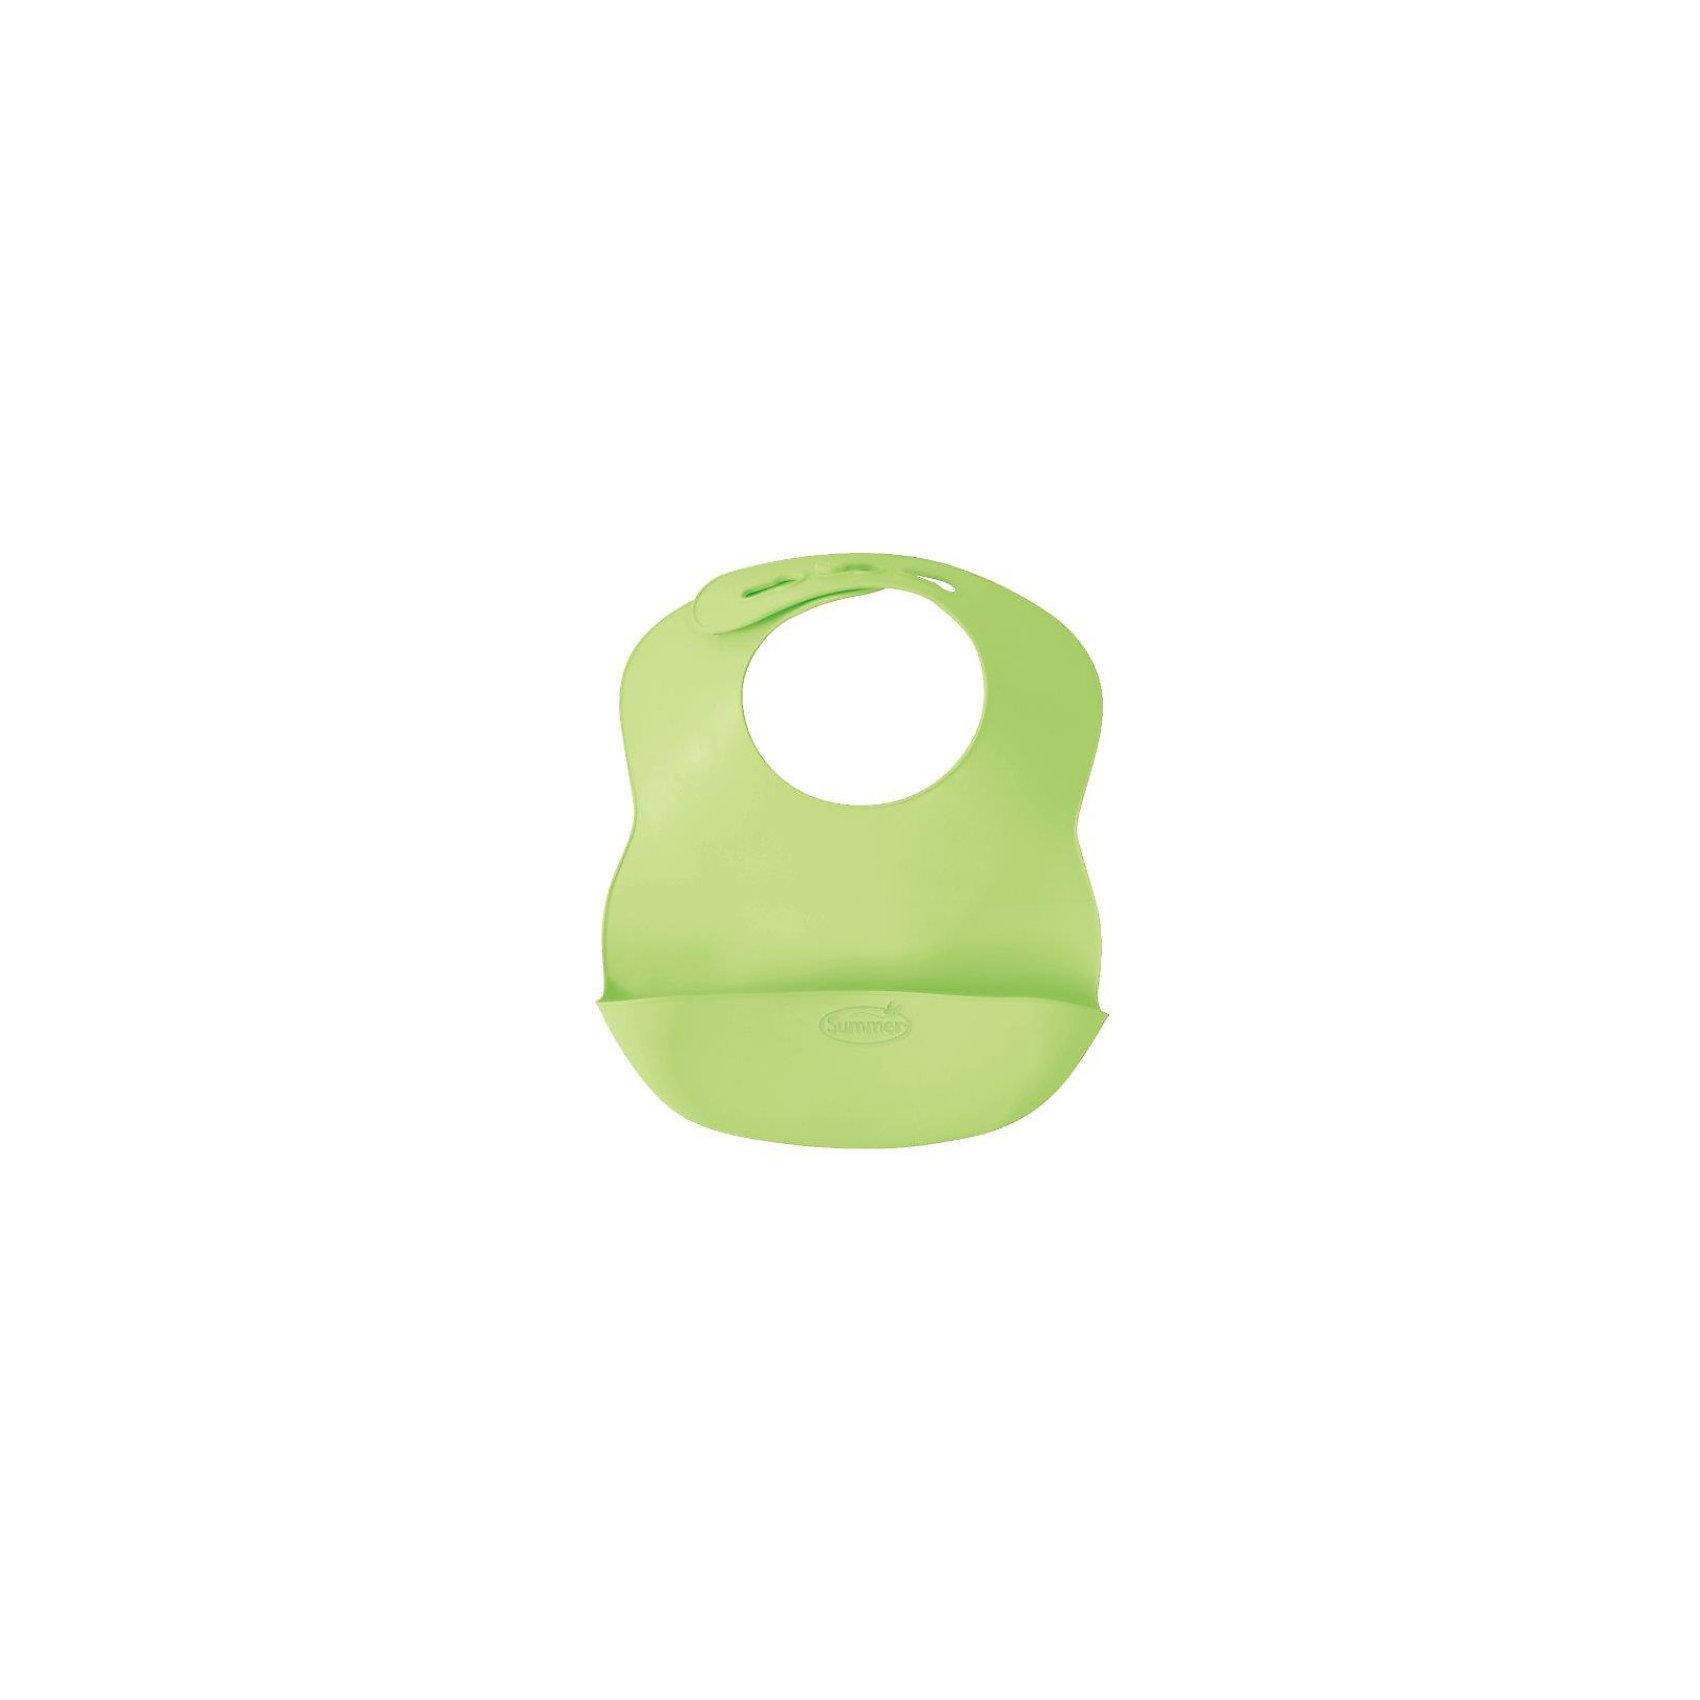 Детский нагрудник Summer Infant Bibbity, зеленый.Нагрудники и салфетки<br>Нагрудник Bibbity специально создан, чтобы собирать крошки и остатки еды малыша, защищая его одежду от пятен.<br>Сделан из мягкого гибкого материала, чтобы малышу было максимально комфортно его носить.<br>Мягкие контуры воротничка легко регулируются на шее ребенка.<br>Удобно брать на прогулки, нагрудник занимает мало место в сумке, можно сворачивать.<br>Легко протирается, не нужно застирывать.<br>Не содержит бисфинола А, свинца, винила, фталатов и латекса.<br>Нагрудник Bibbity можно купить в нашем интернет-магазине.<br><br>Ширина мм: 30<br>Глубина мм: 220<br>Высота мм: 260<br>Вес г: 145<br>Возраст от месяцев: 6<br>Возраст до месяцев: 36<br>Пол: Унисекс<br>Возраст: Детский<br>SKU: 3361788